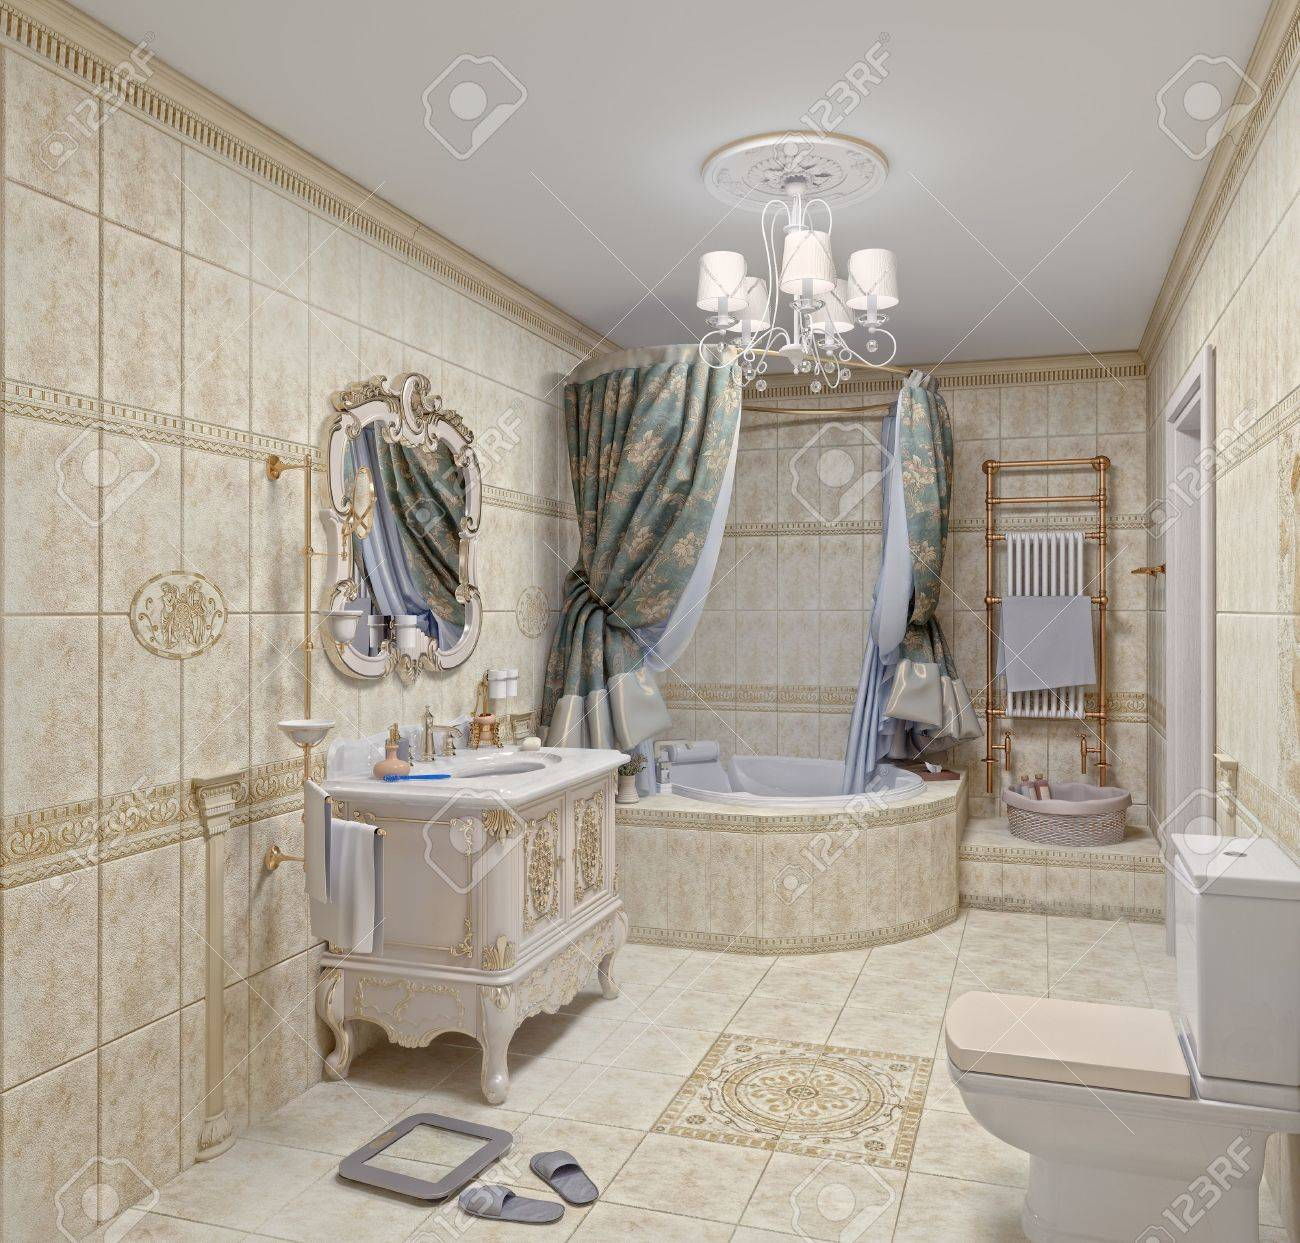 Interior moderno cuarto de baño con azulejos y espejos (3D)